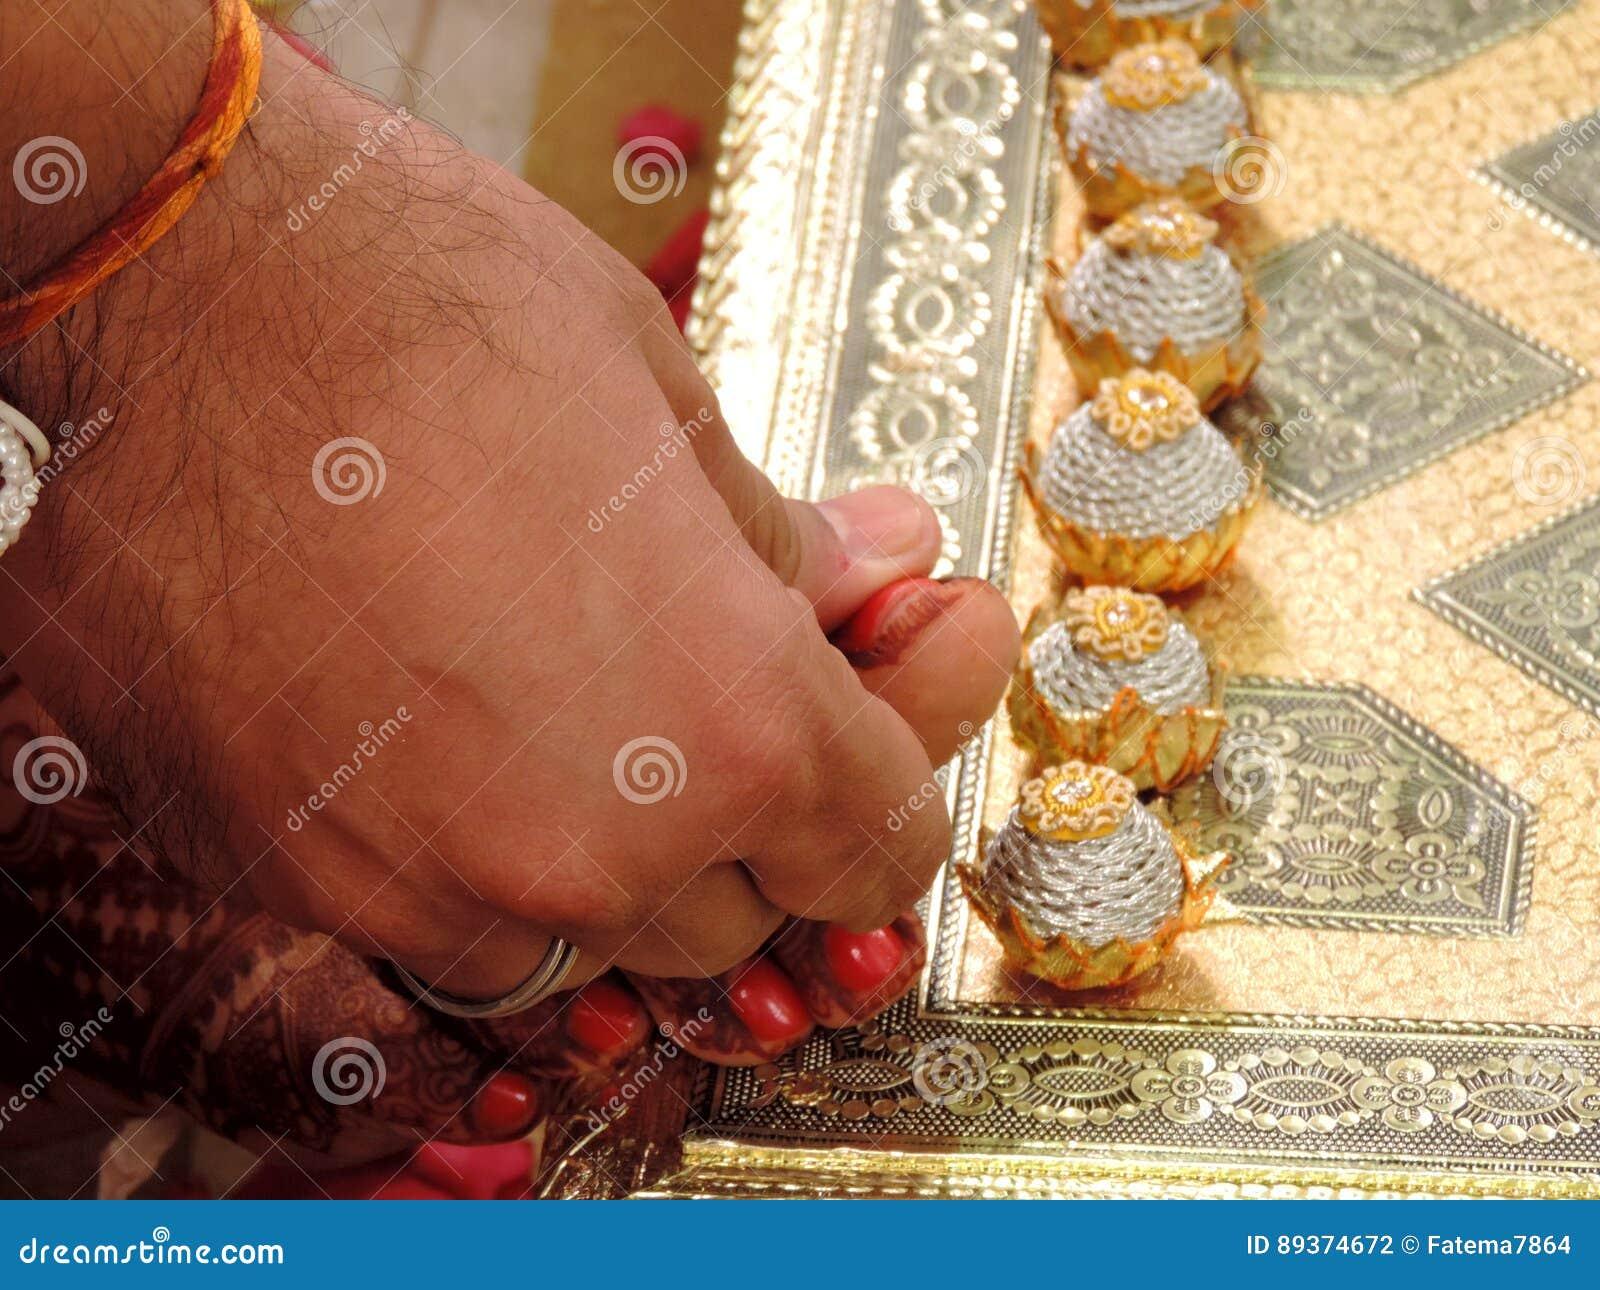 Rituale Der Traditionellen Hindischen Hochzeit Indien Stockfoto